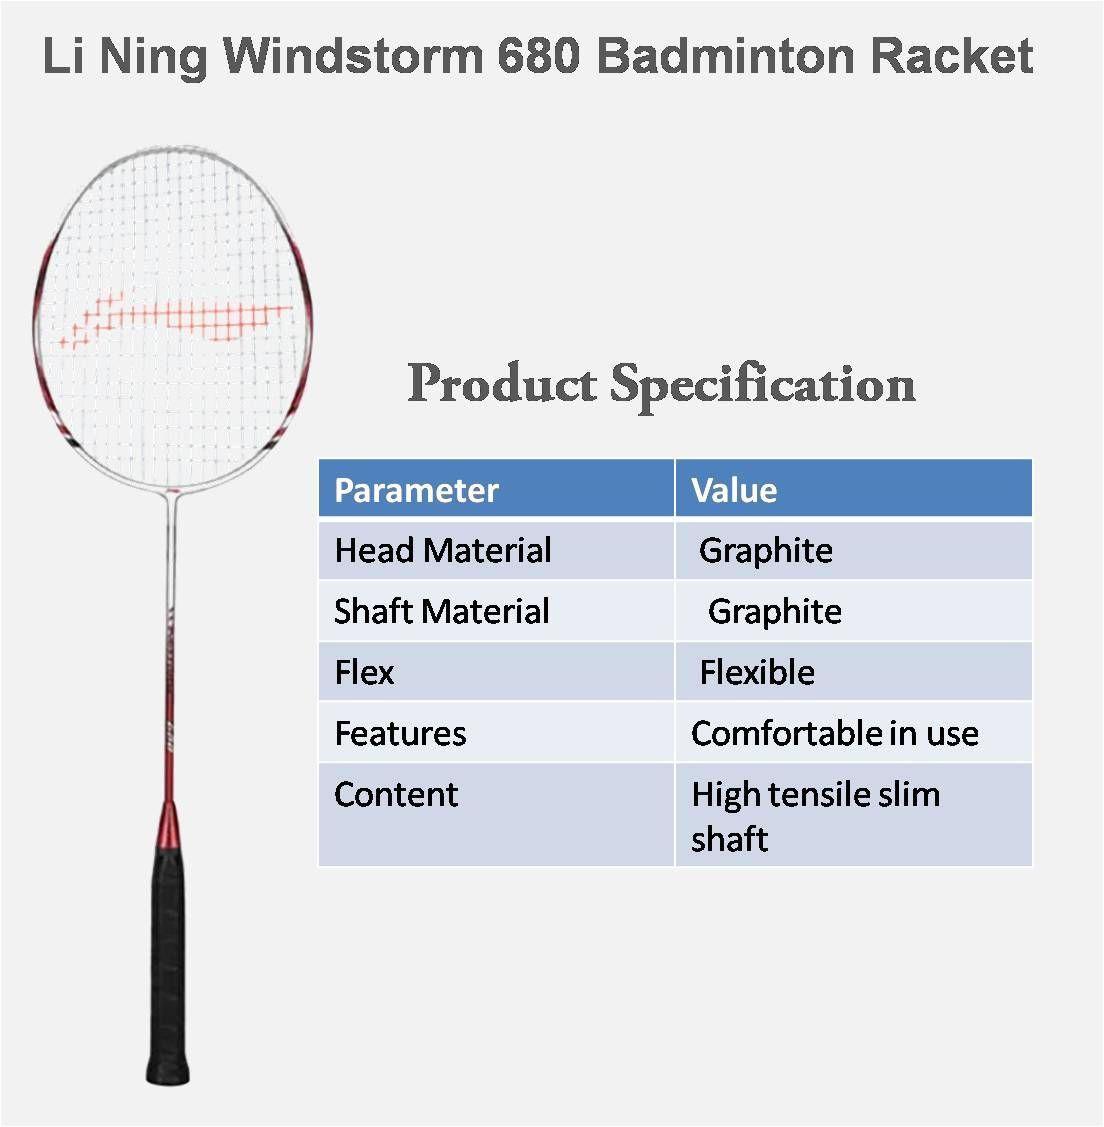 Li Ning Windstorm 680 Badminton Racket Http Www Khelmart Com Badminton Items Li Ning Windstorm 680 Badminton Racket Aspx